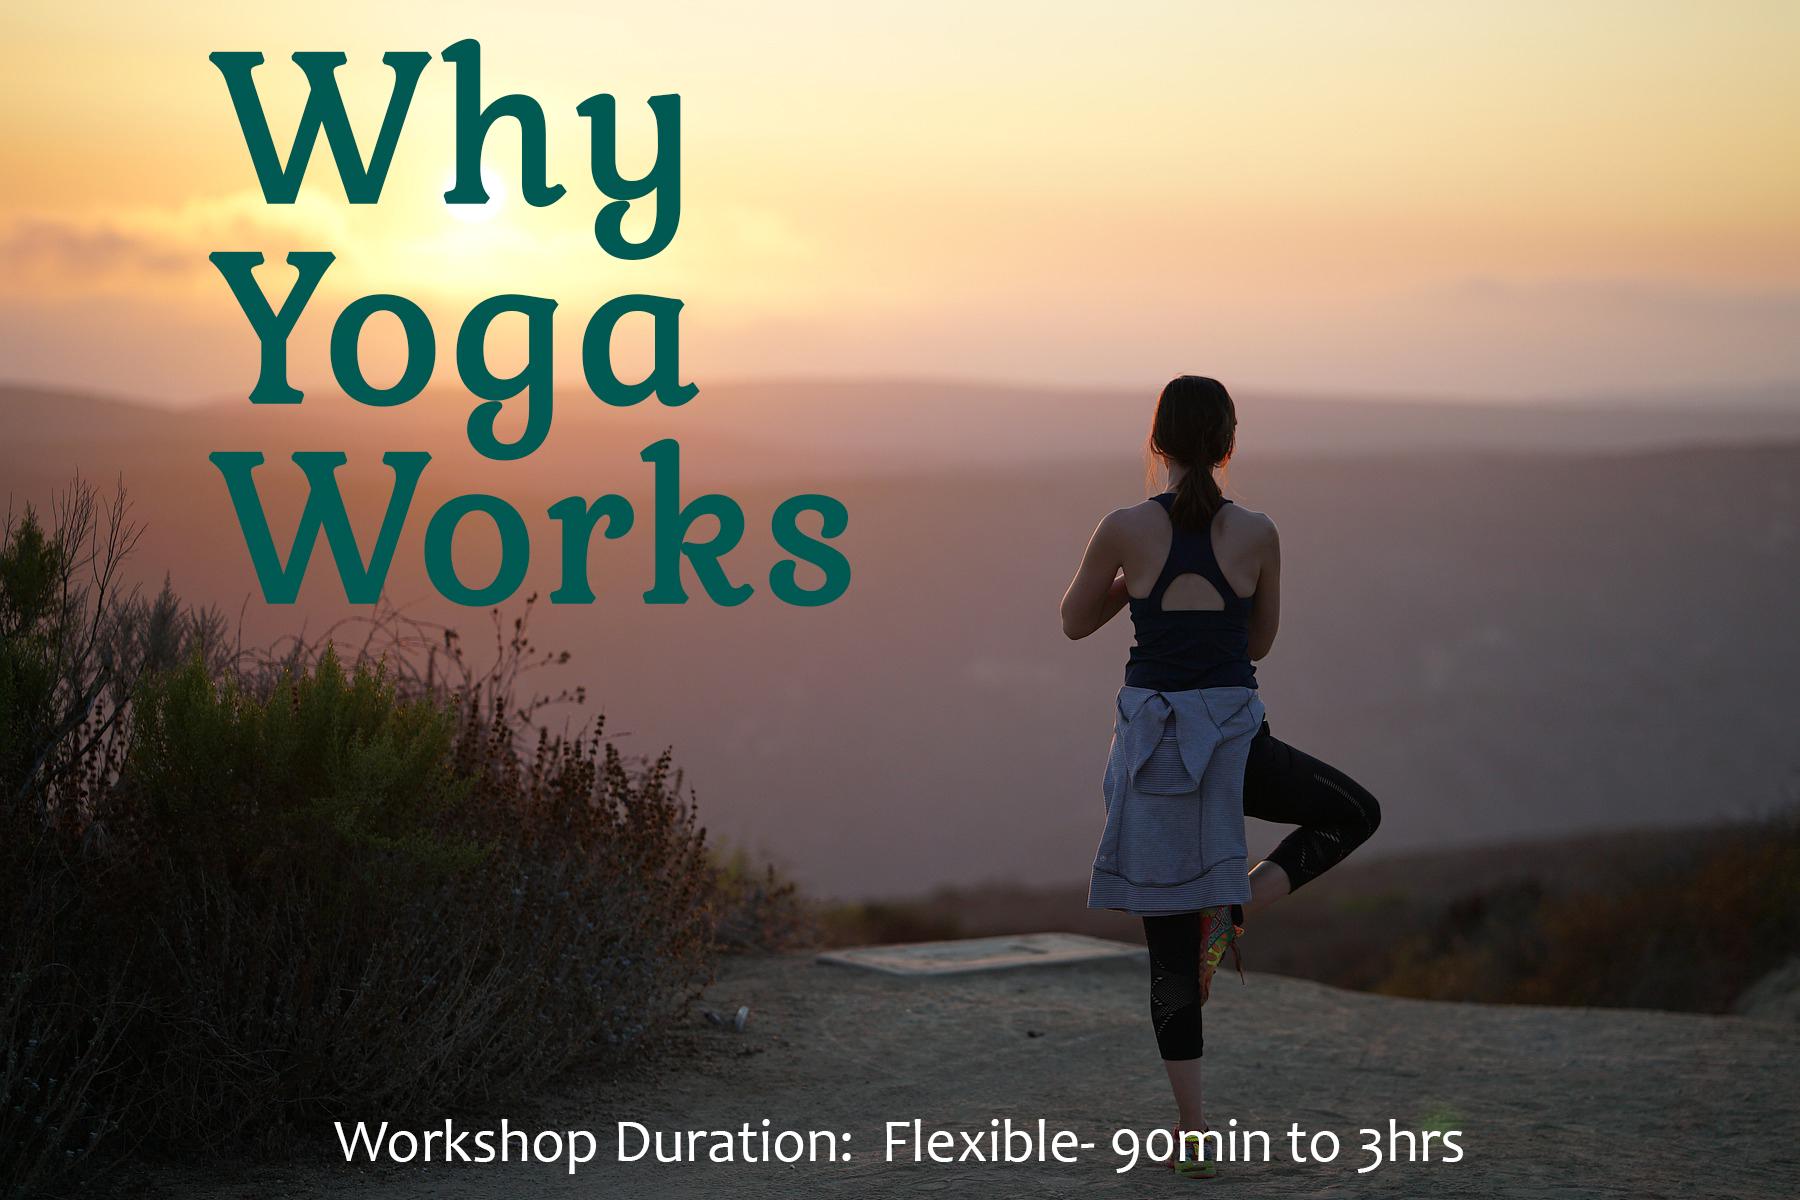 yoga-works-img-slide.jpg